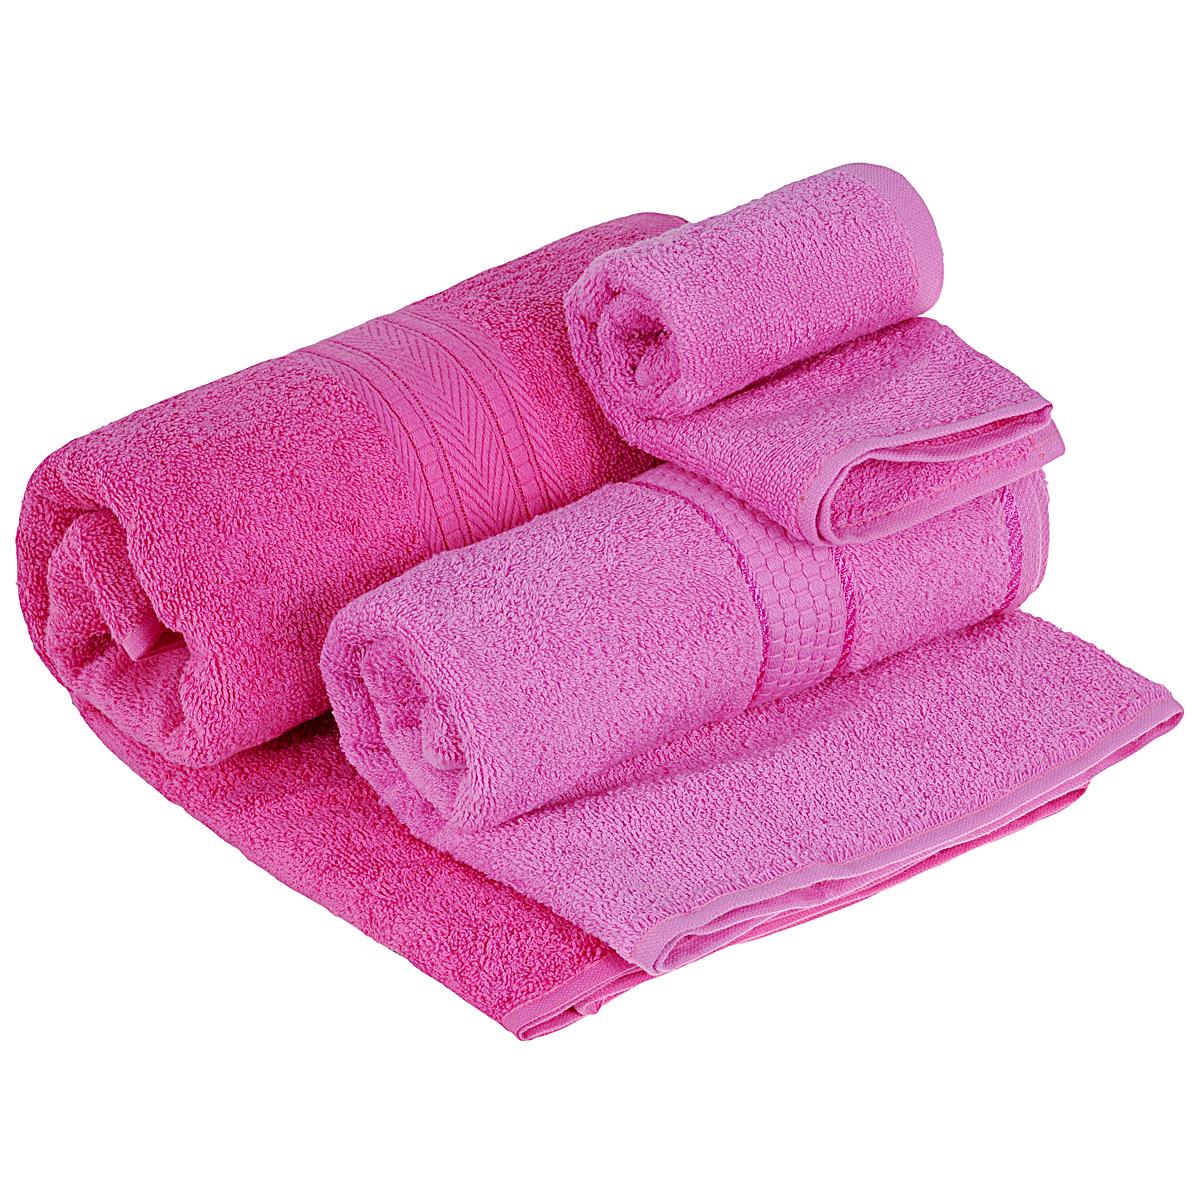 Набор махровых полотенец Osborn Textile, цвет: розовый, 3 штУзТ-КМП-08-04Набор Osborn Textile состоит из трех полотенец разного размера, выполненных из натурального хлопка. Такие полотенца отлично впитывают влагу, быстро сохнут, сохраняют яркость цвета и не теряют формы даже после многократных стирок. Полотенца очень практичны и неприхотливы в уходе. Размер полотенец: 40 см х 40 см; 50 см х 90 см; 70 см х 140 см. Плотность: 450 г/м2.